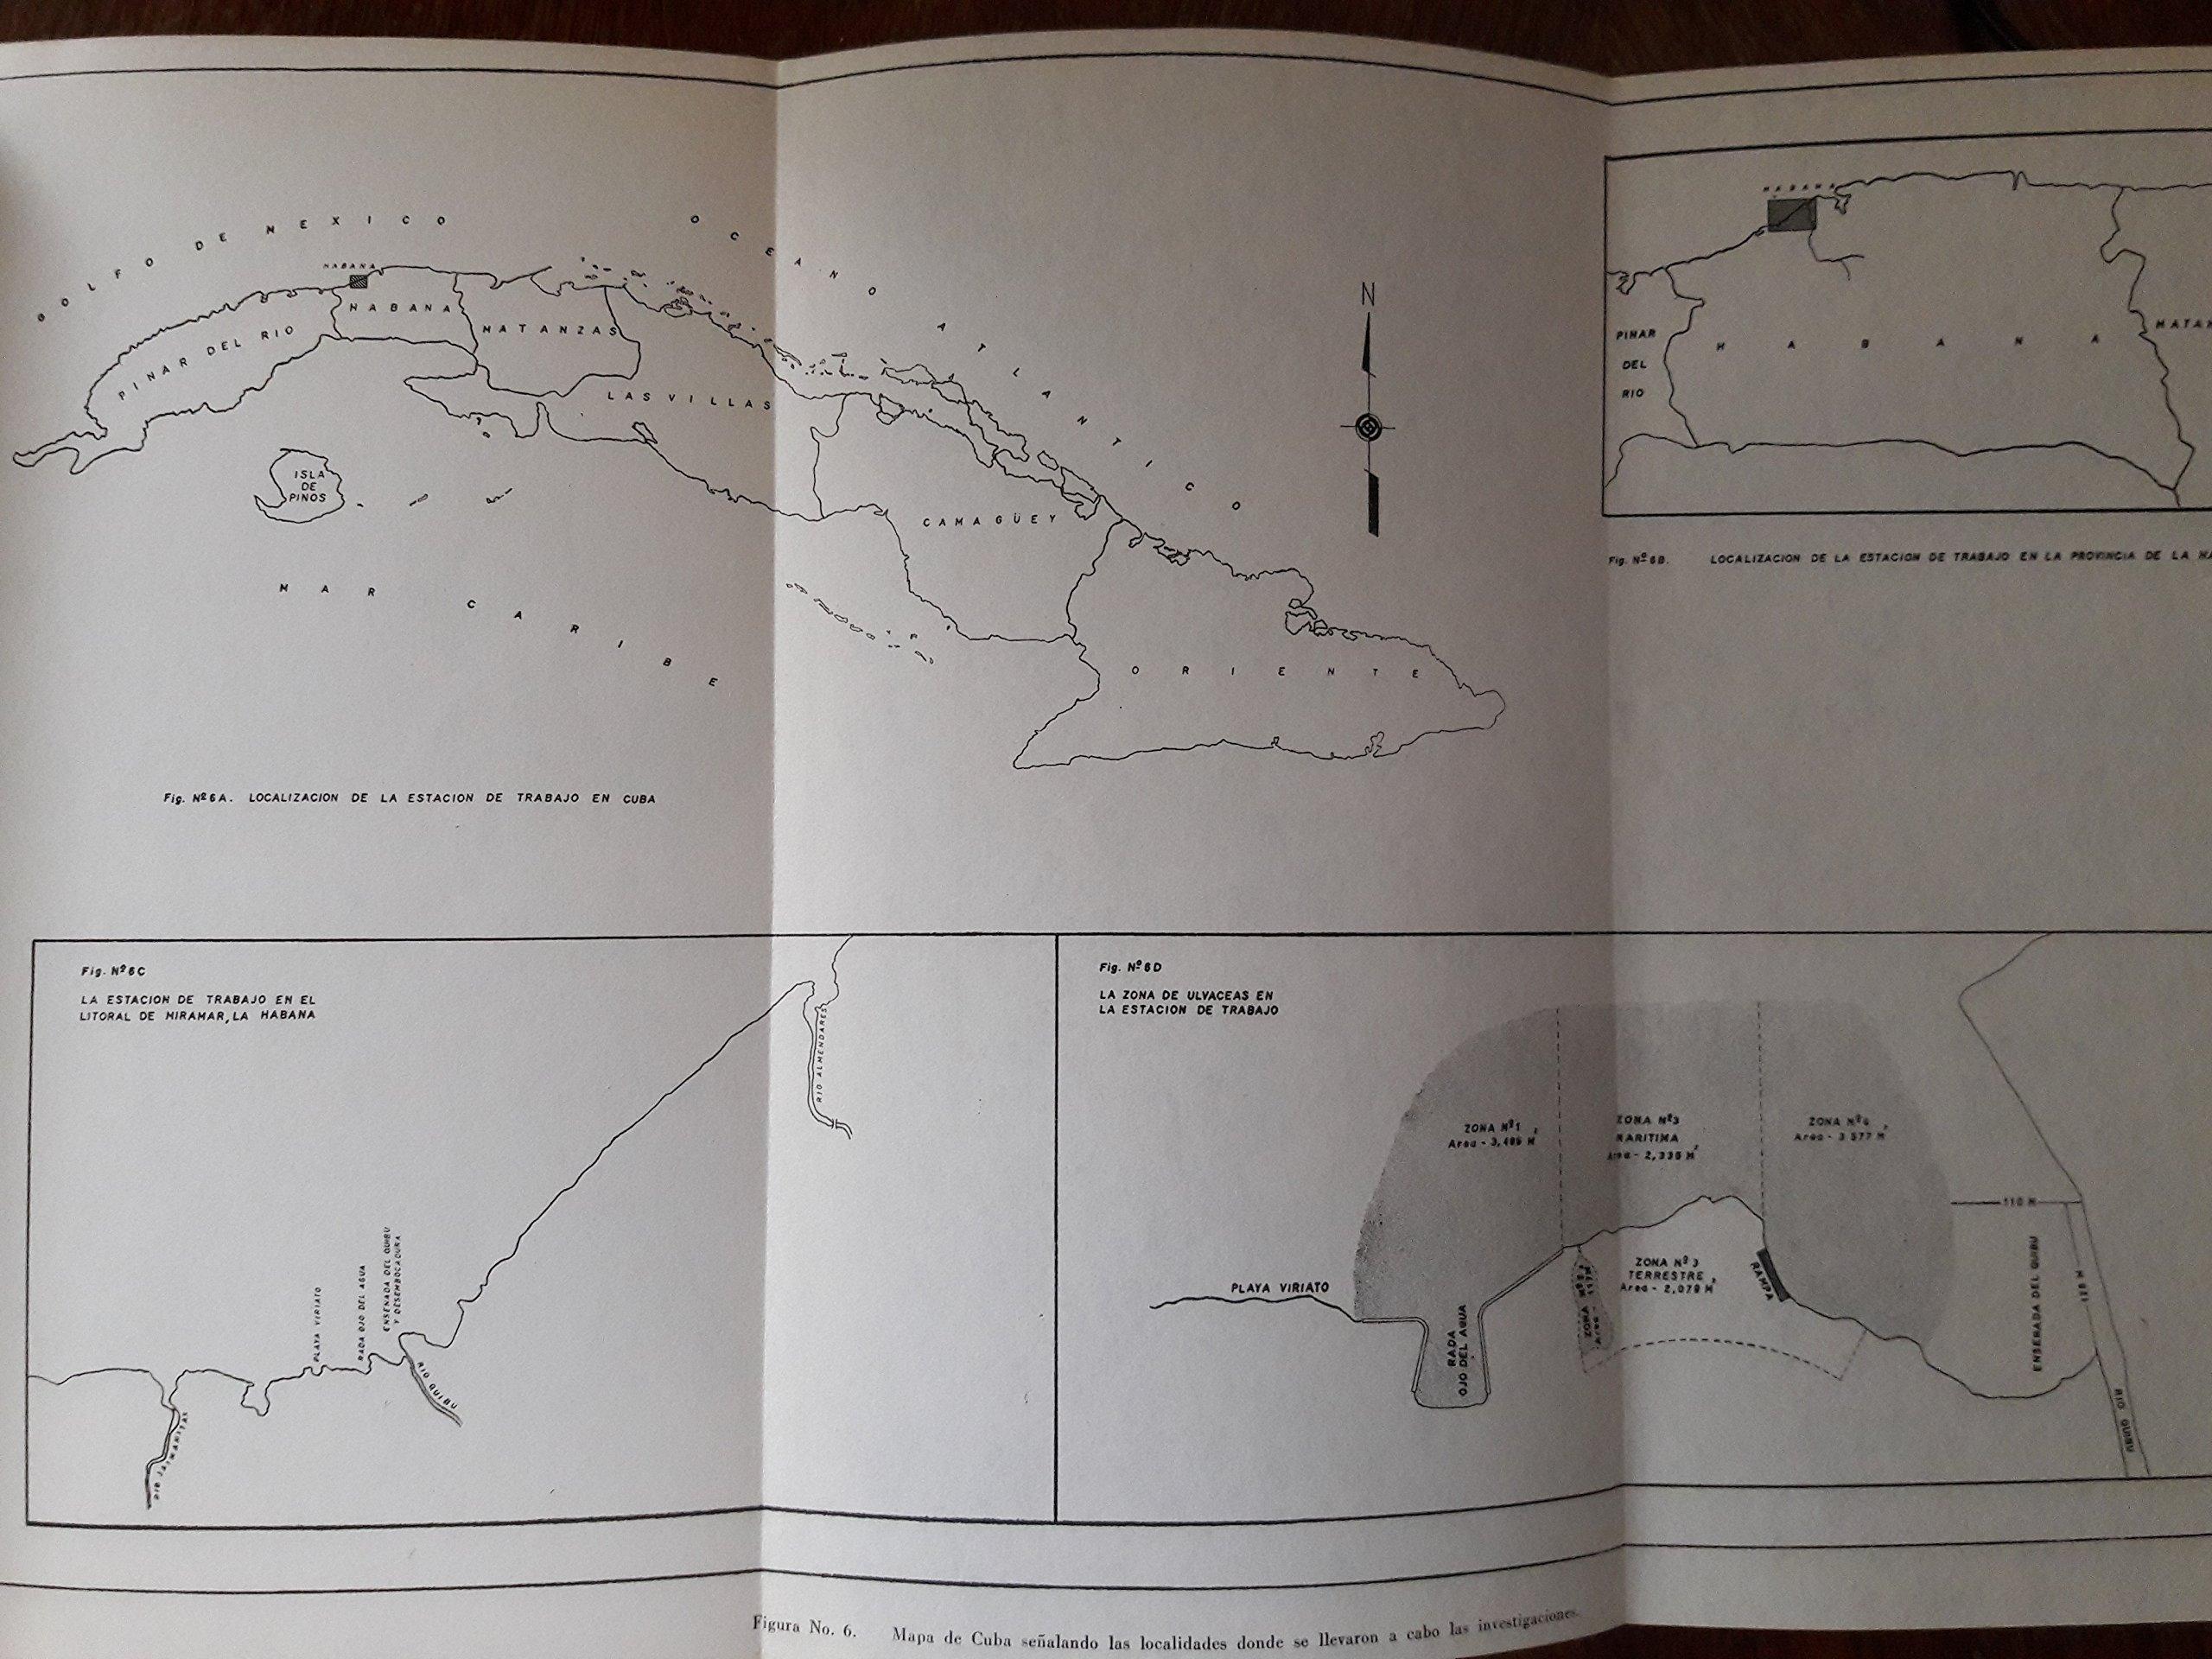 Taxonomia, ecologia y valor nutricional de algas marinas cubanas, II utilizacion de algas en alimentacion de aves.: Amazon.com: Books